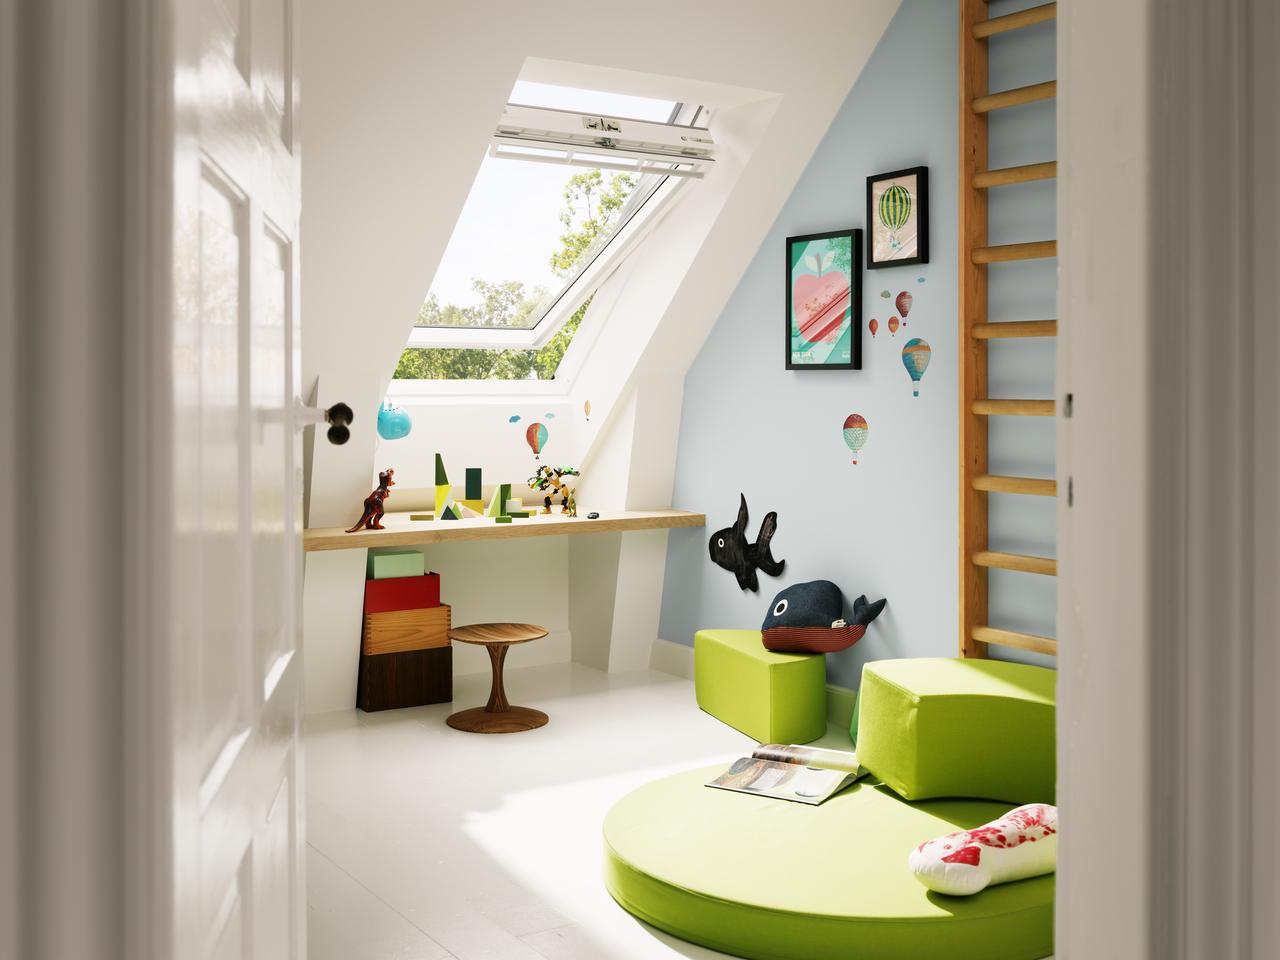 Amenagement Petite Chambre Garcon comment aménager 15m² en chambre d'enfant ? - rêve de combles